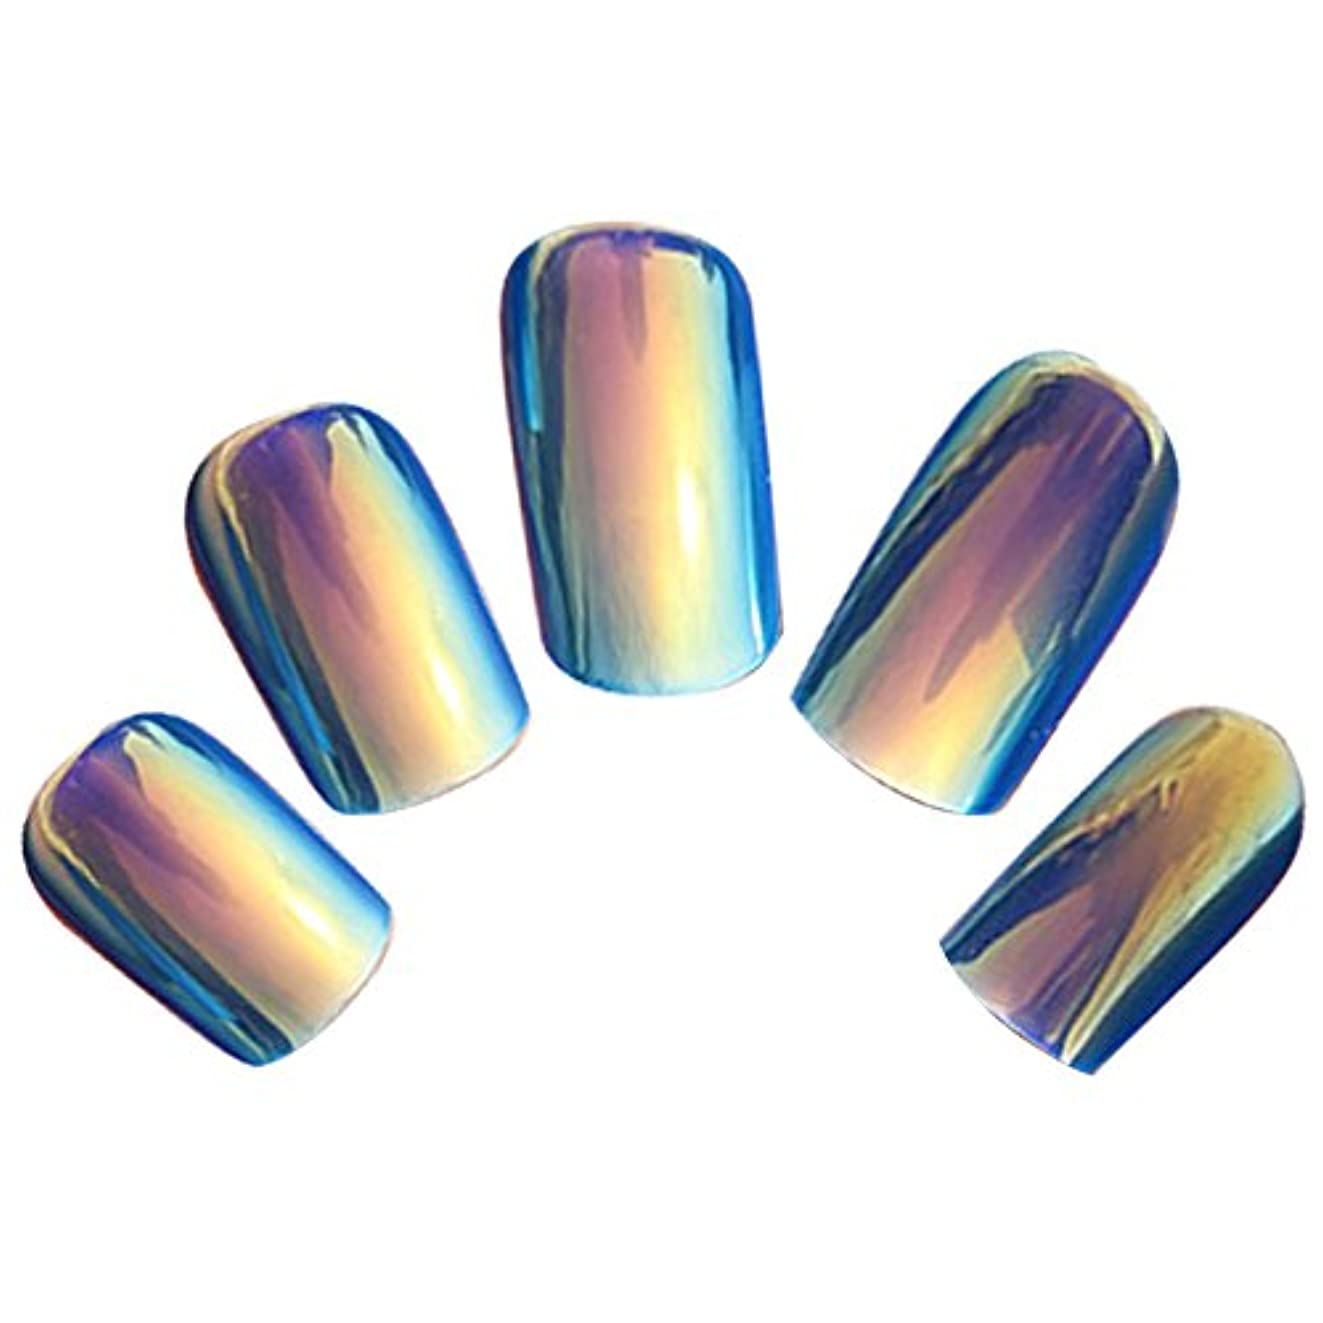 既婚ベットレイアウトゴシレ Gosear 24 個 12 サイズ ネイルチップ 人工偽爪のヒント 青色